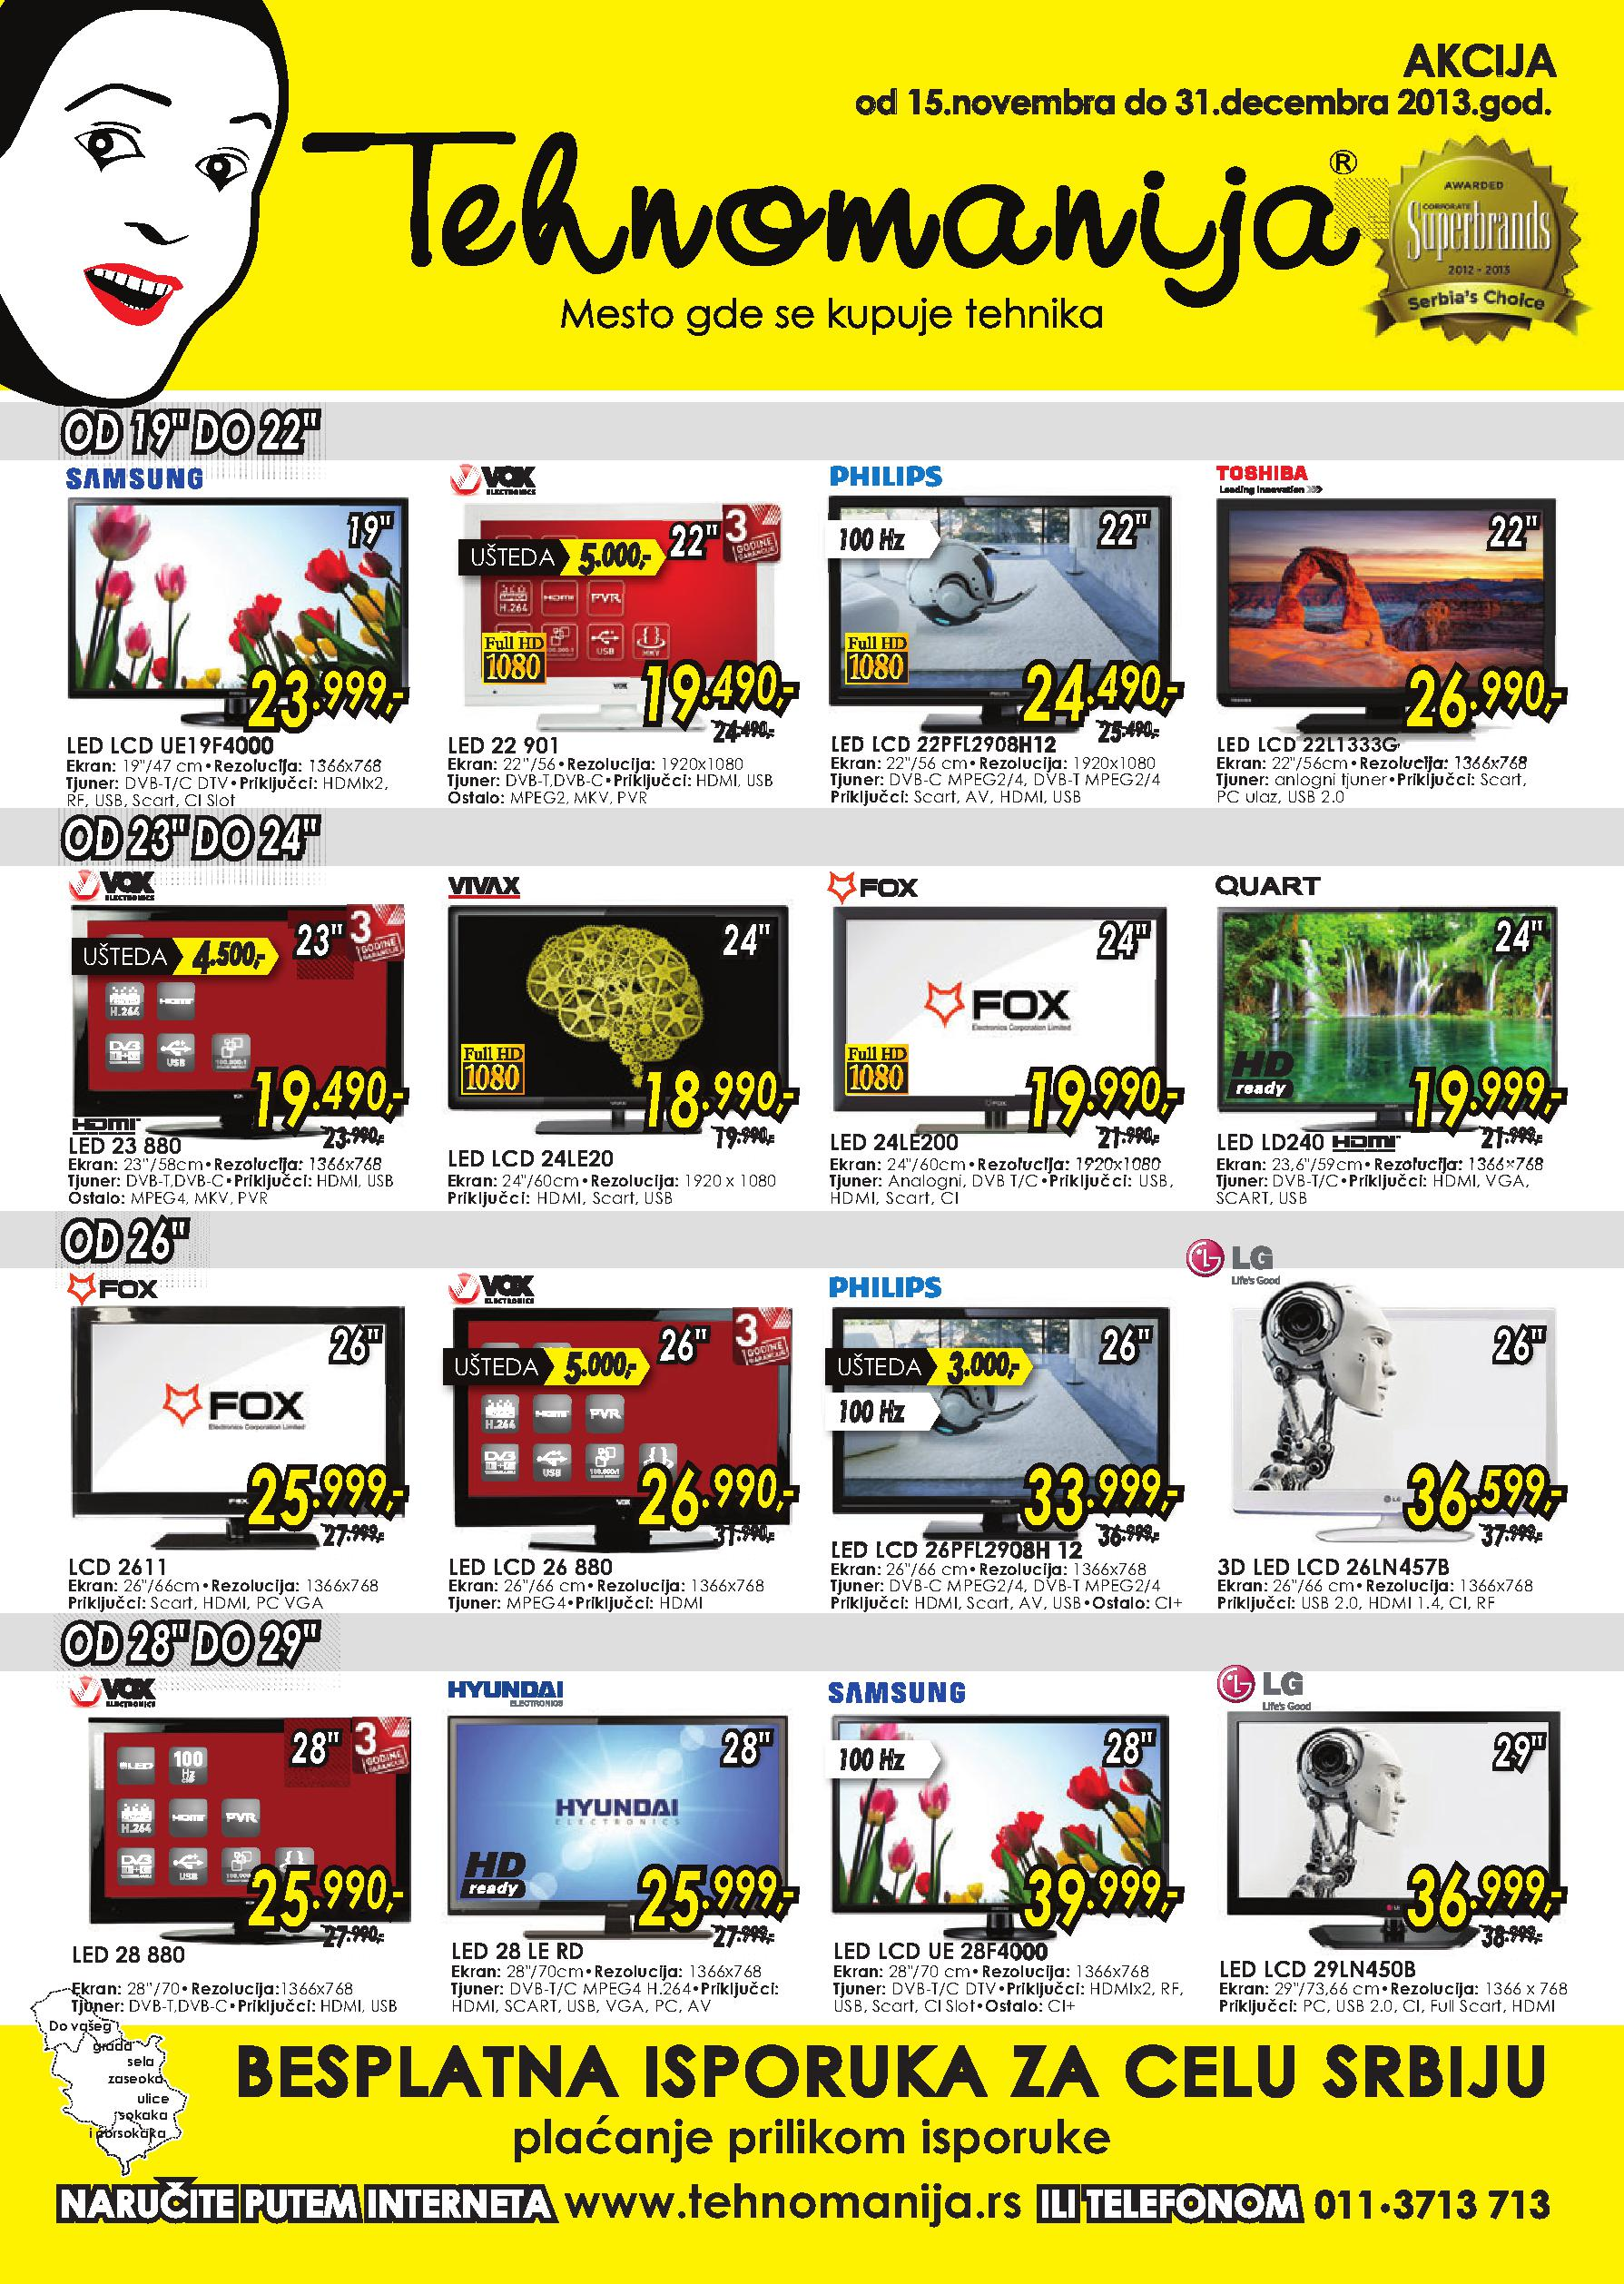 Tehnomanija katalog odlična ponuda TV aparata